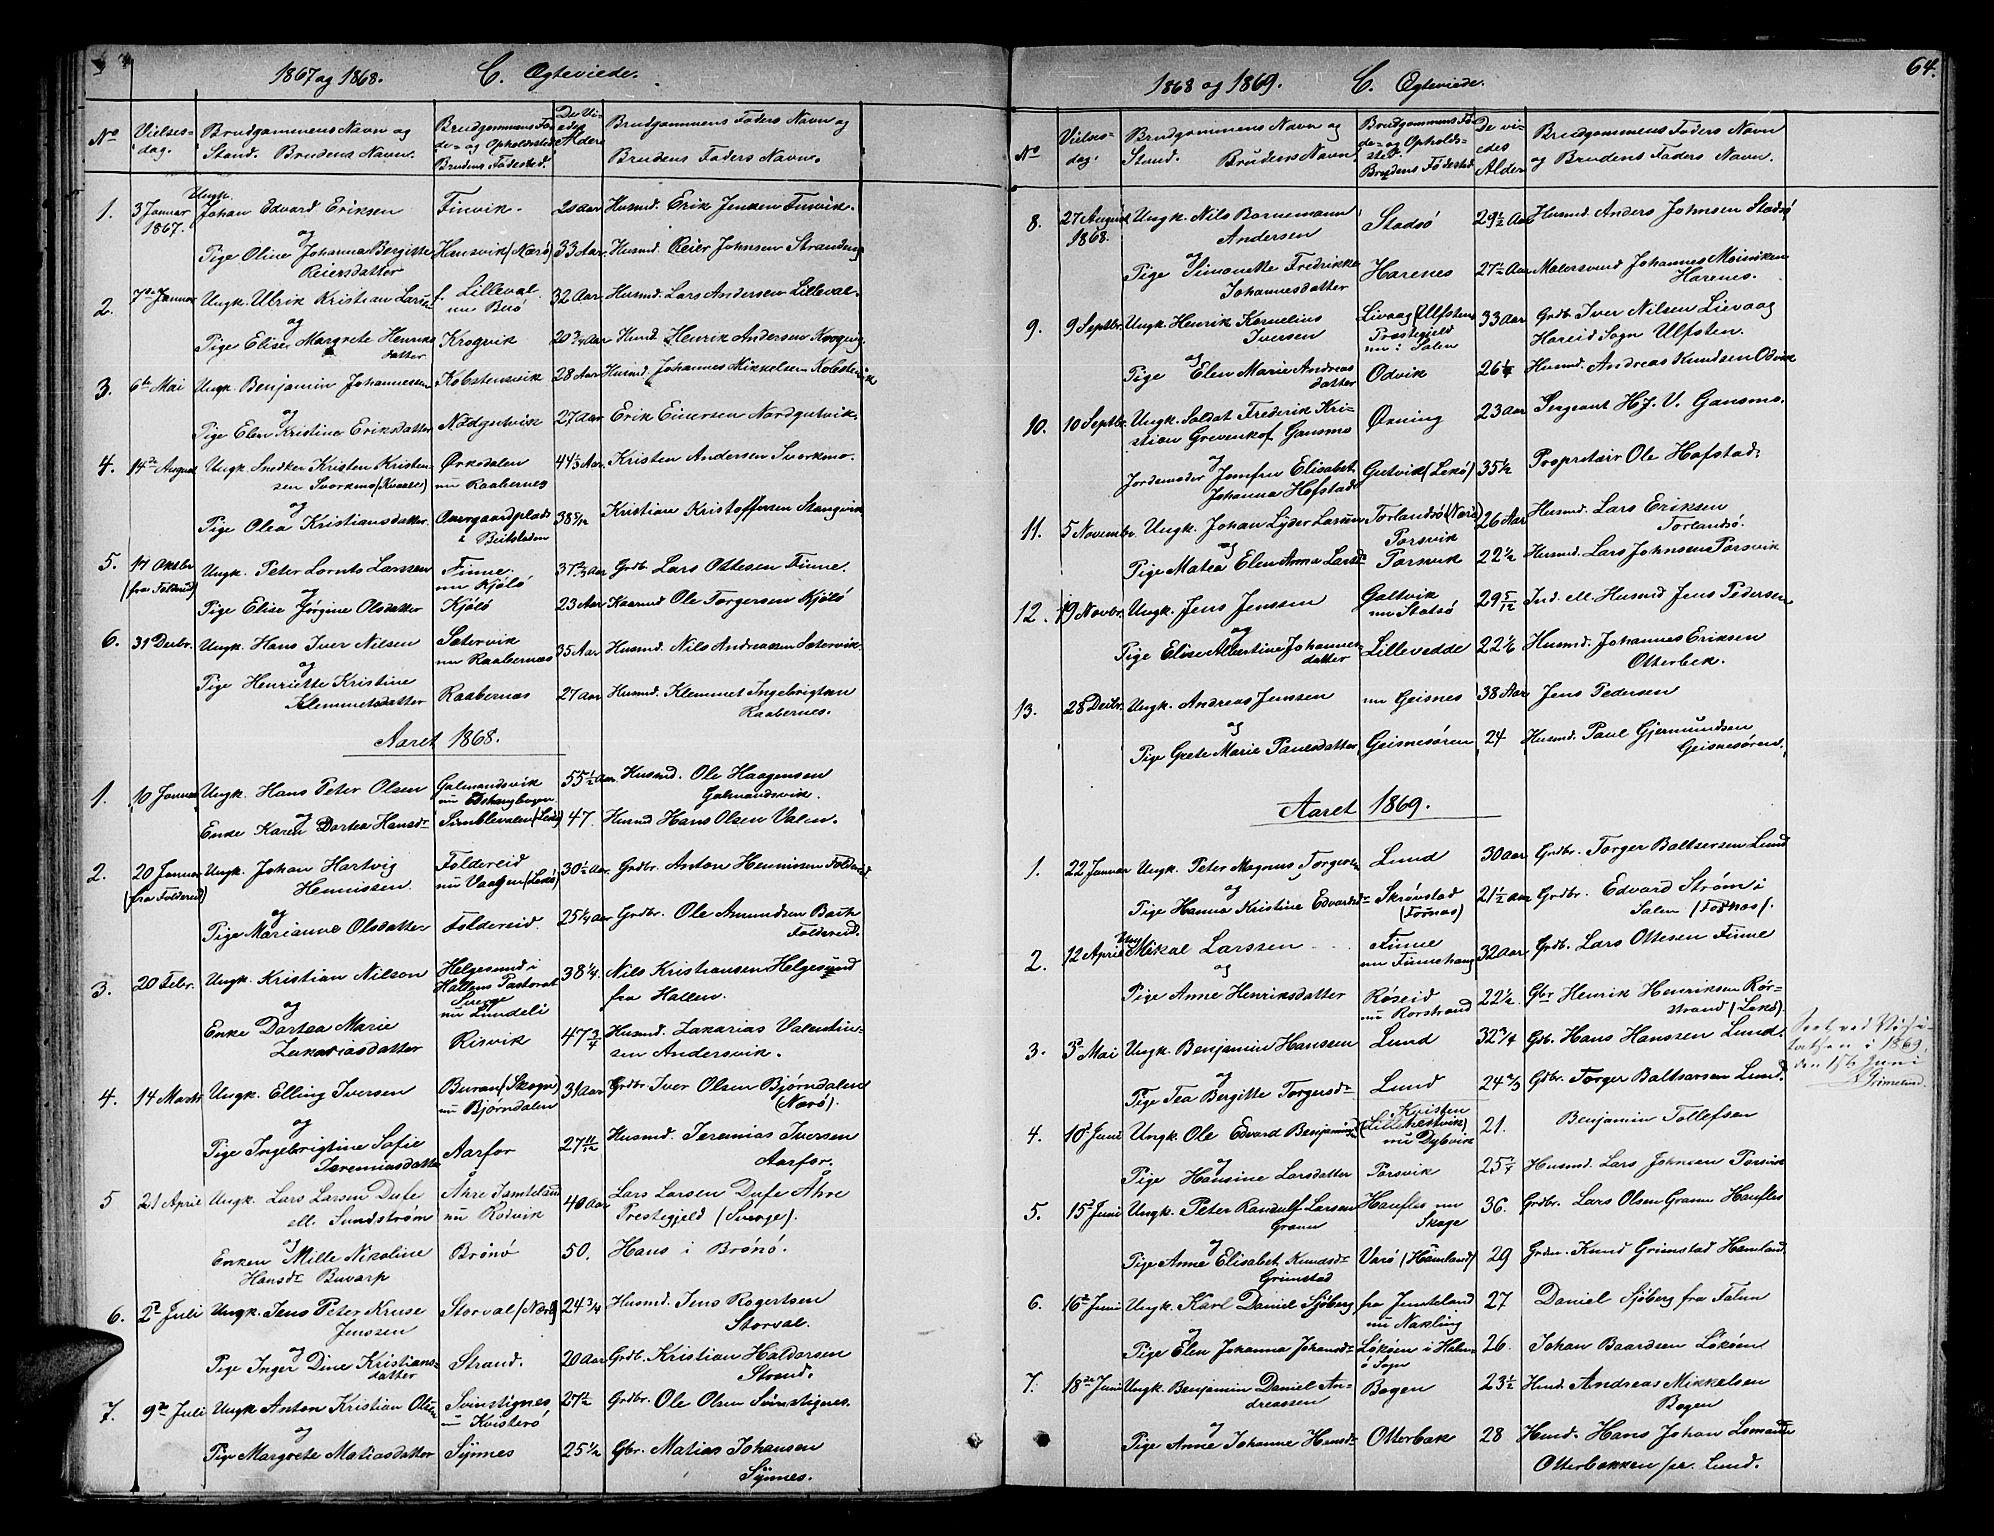 SAT, Ministerialprotokoller, klokkerbøker og fødselsregistre - Nord-Trøndelag, 780/L0650: Klokkerbok nr. 780C02, 1866-1884, s. 64